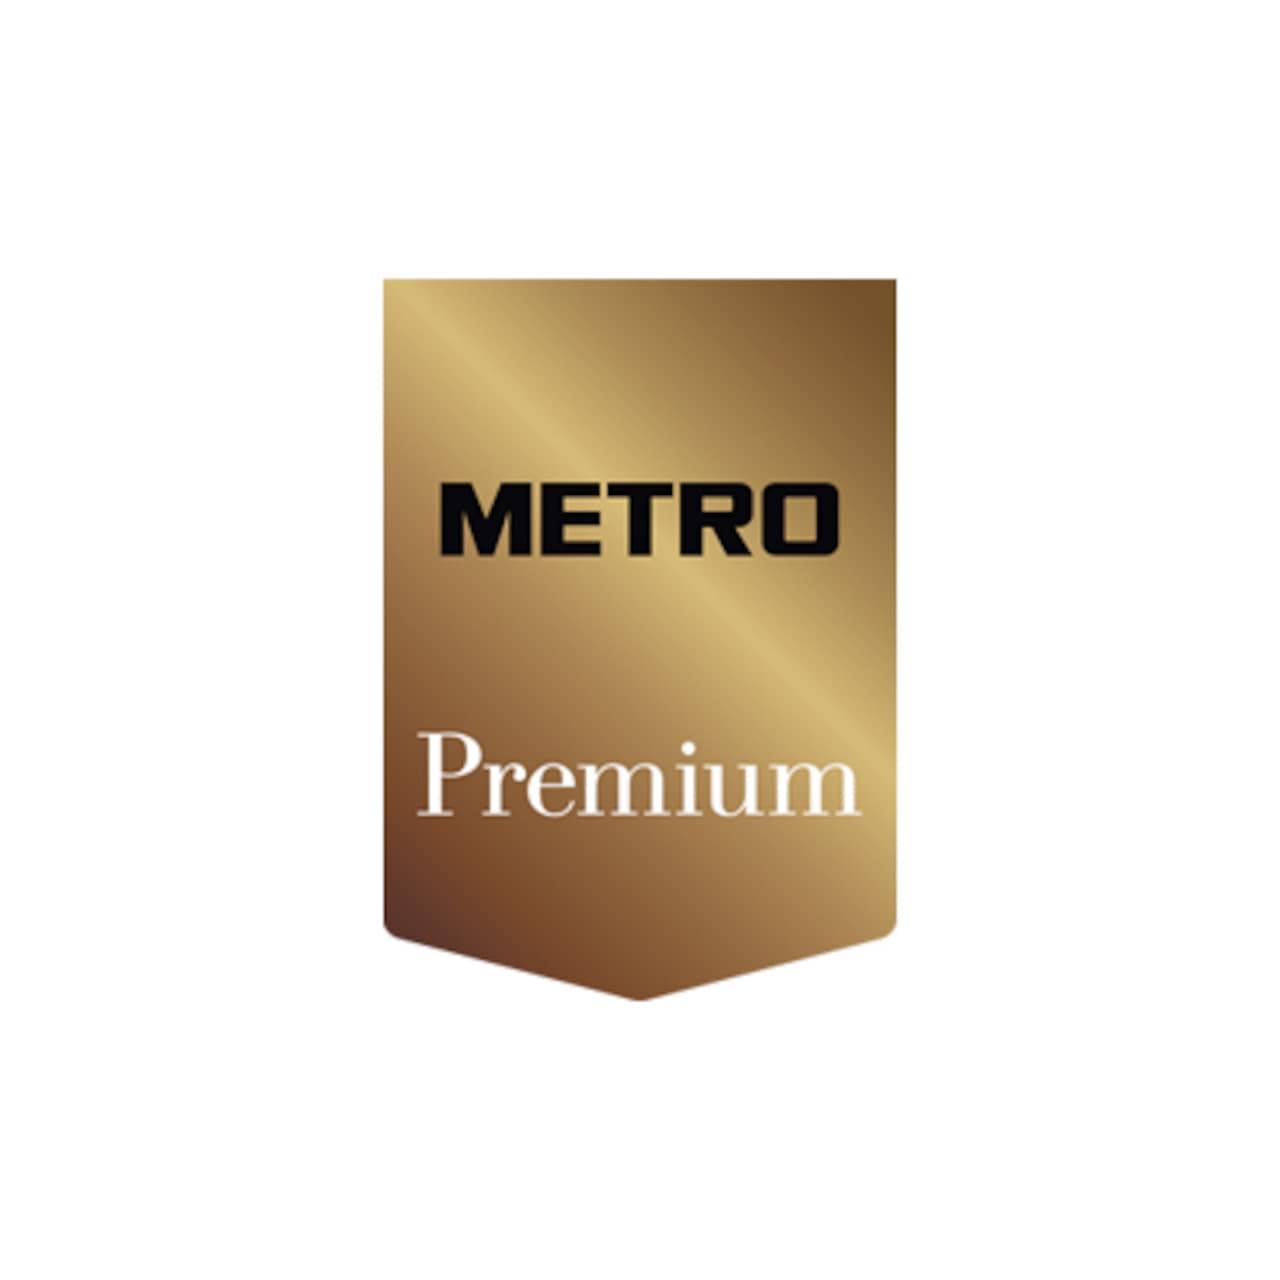 metro premium logo